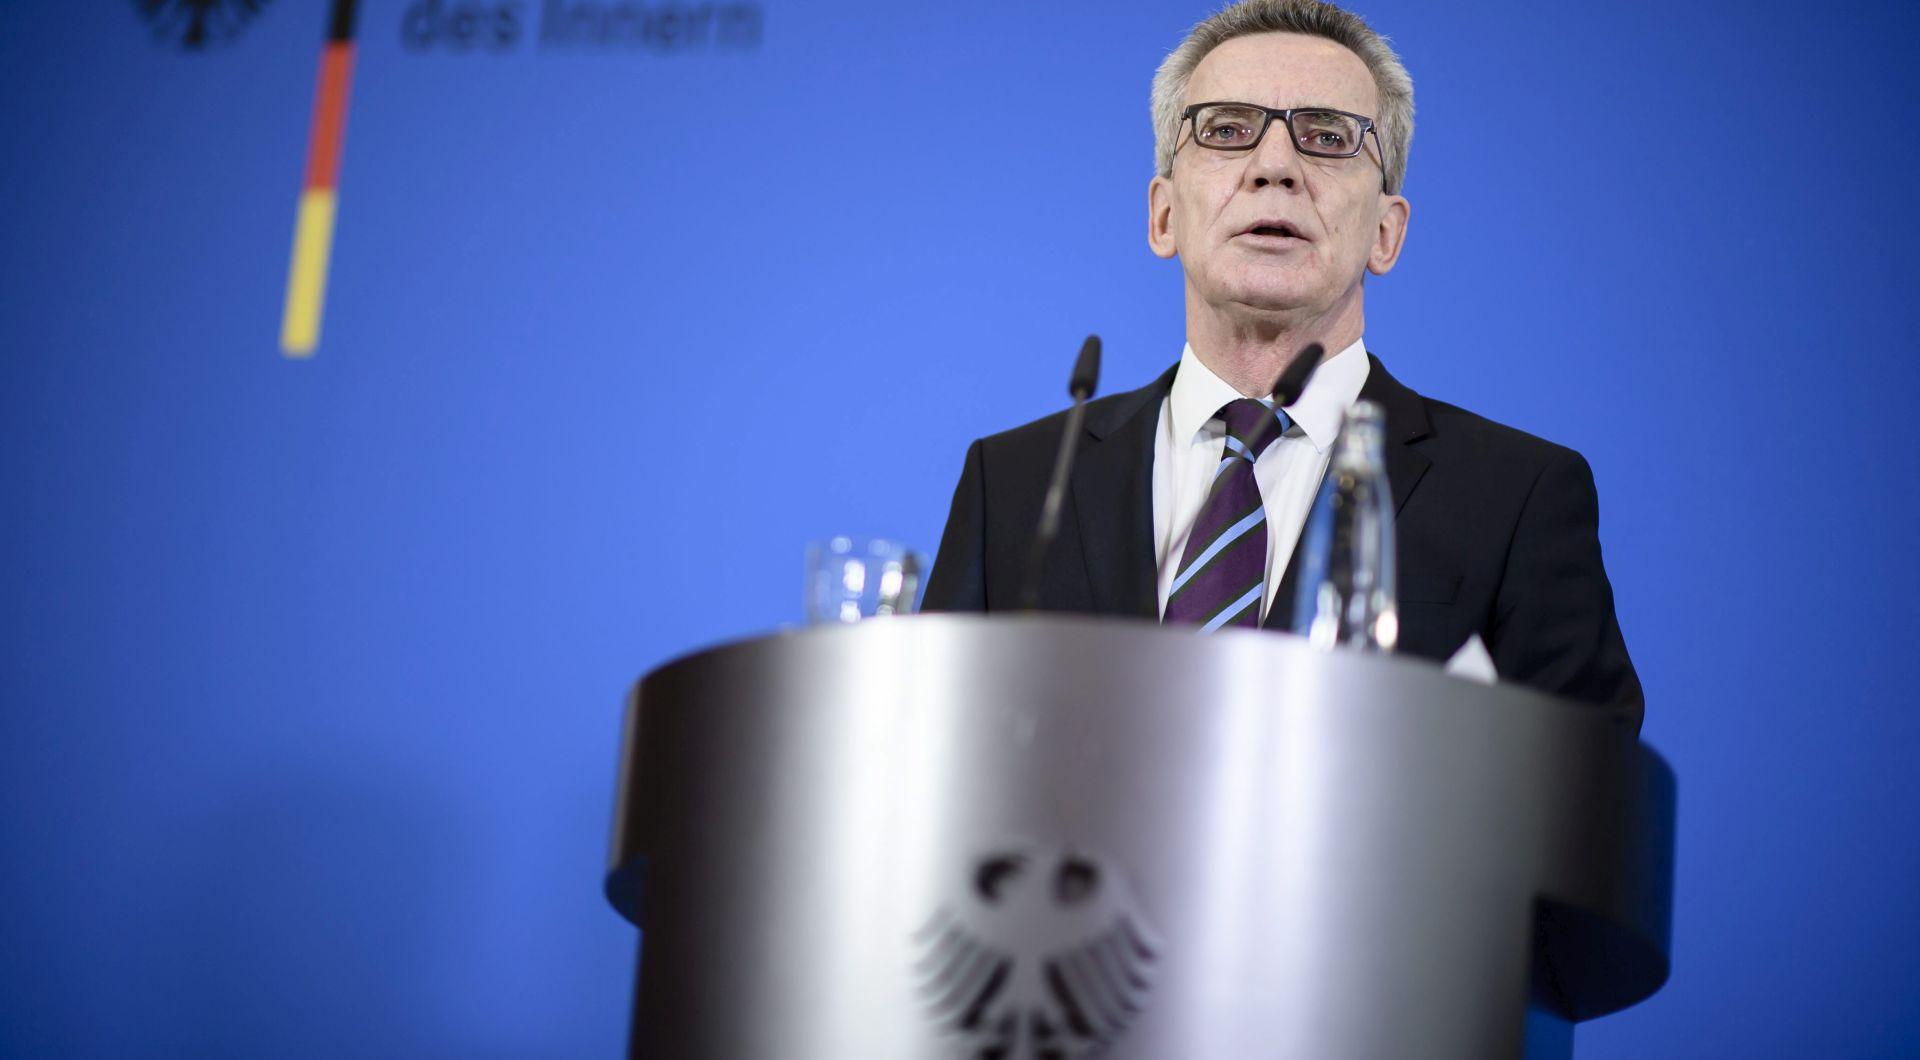 Državljani Srbije na 7. mjestu po osumnjičenima za kaznena djela u Njemačkoj